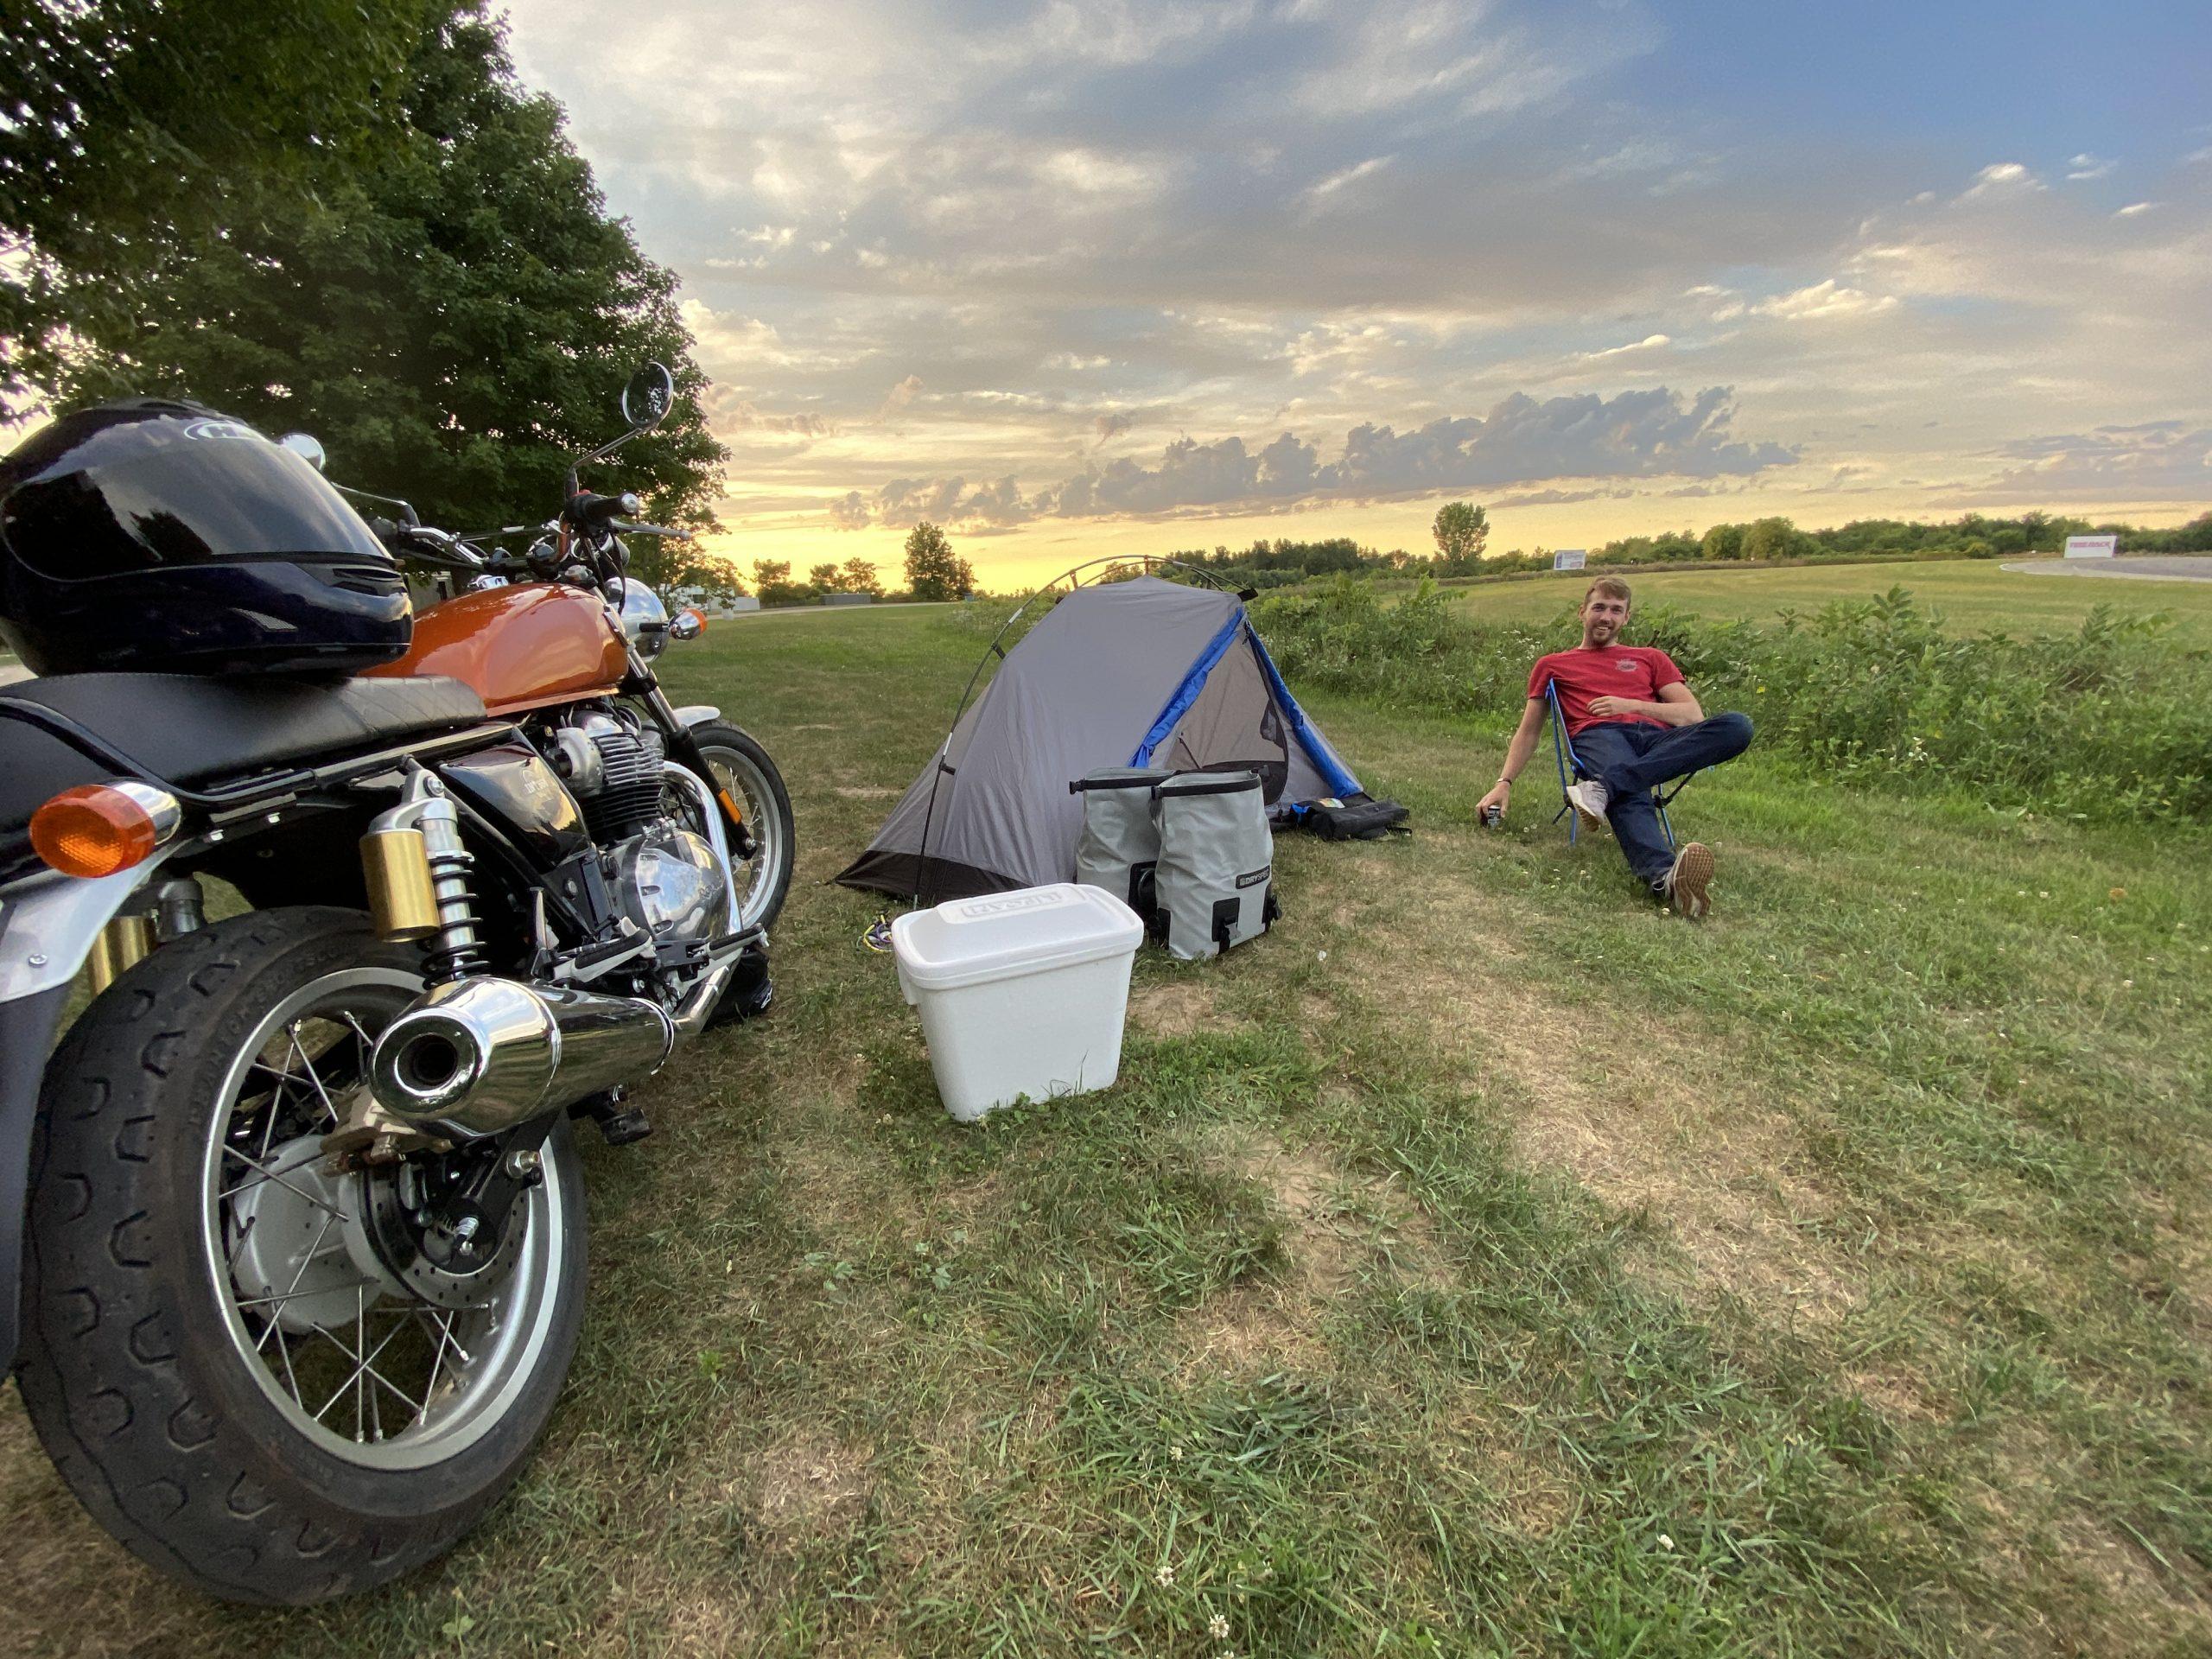 gingerman moto camp